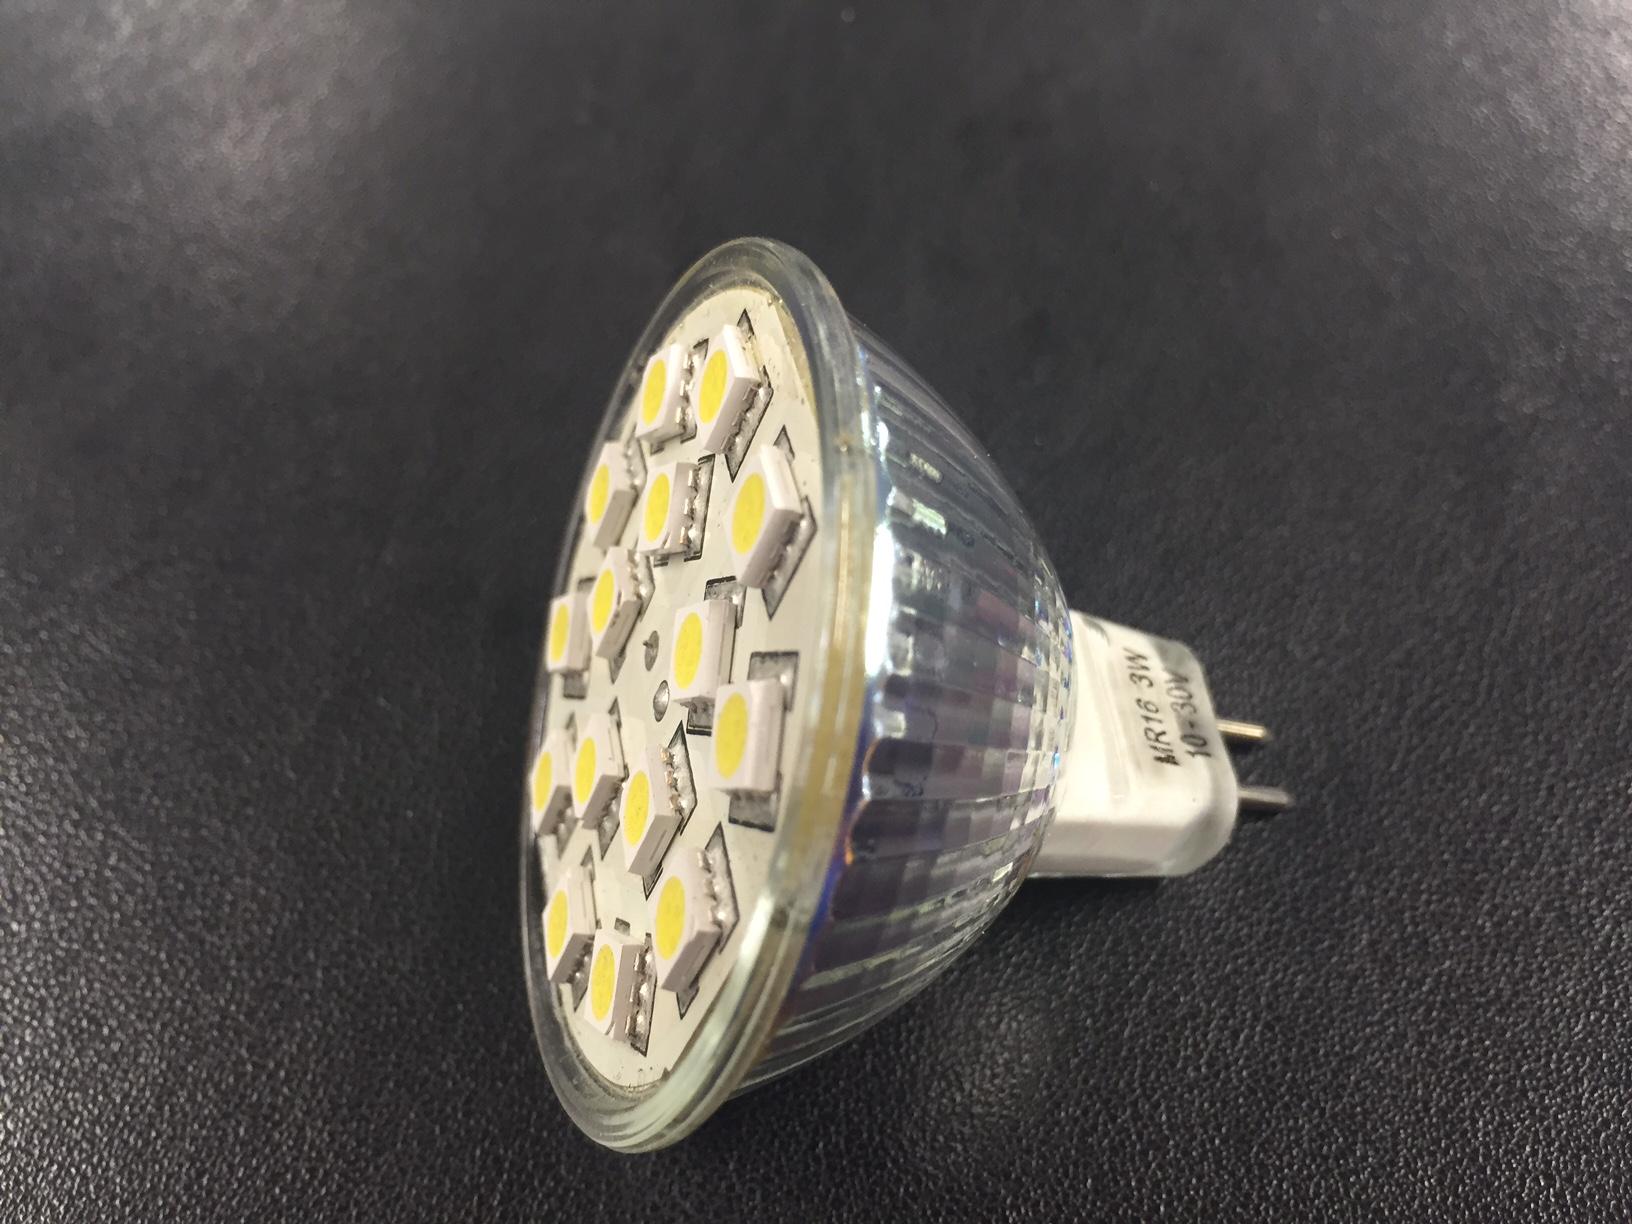 LED Globe CW MR16 3W 12/24v no lens